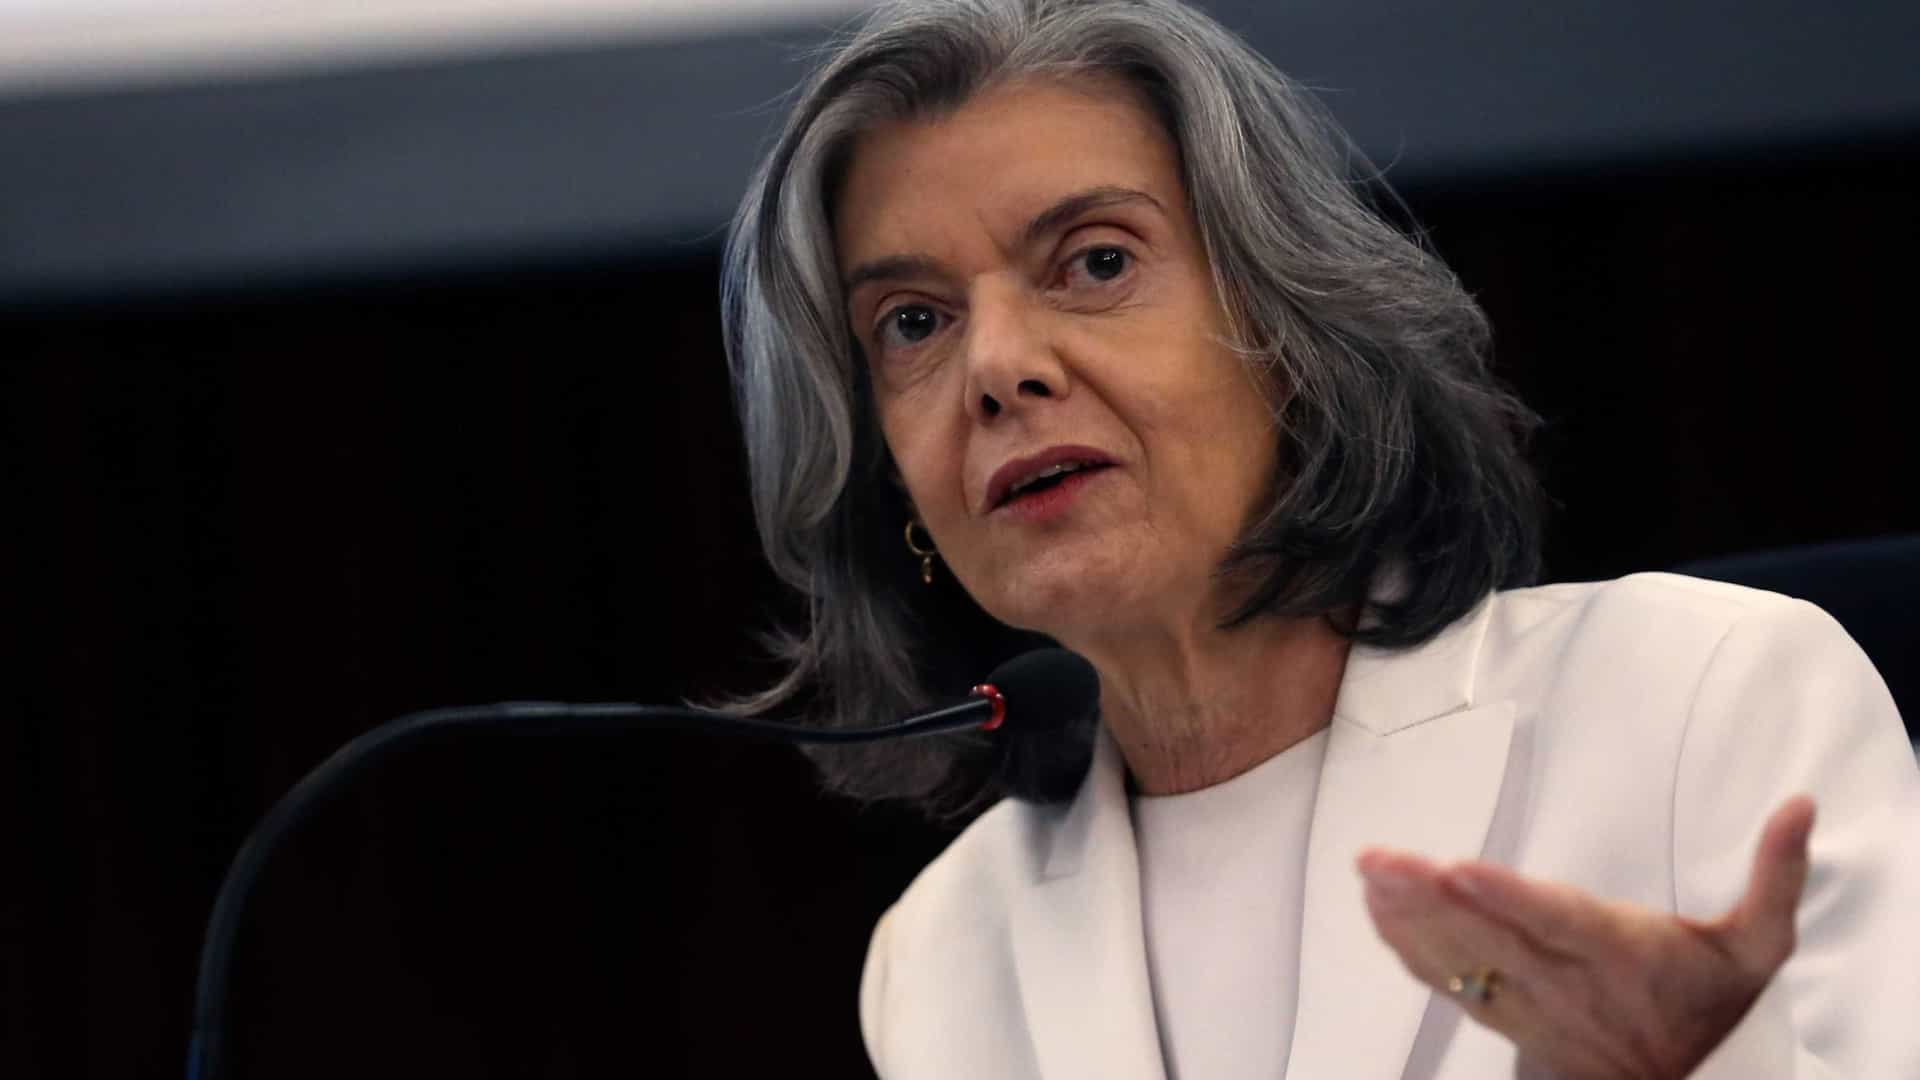 'Processos da Lava Jato precisam ser julgados', diz Carmen Lúcia